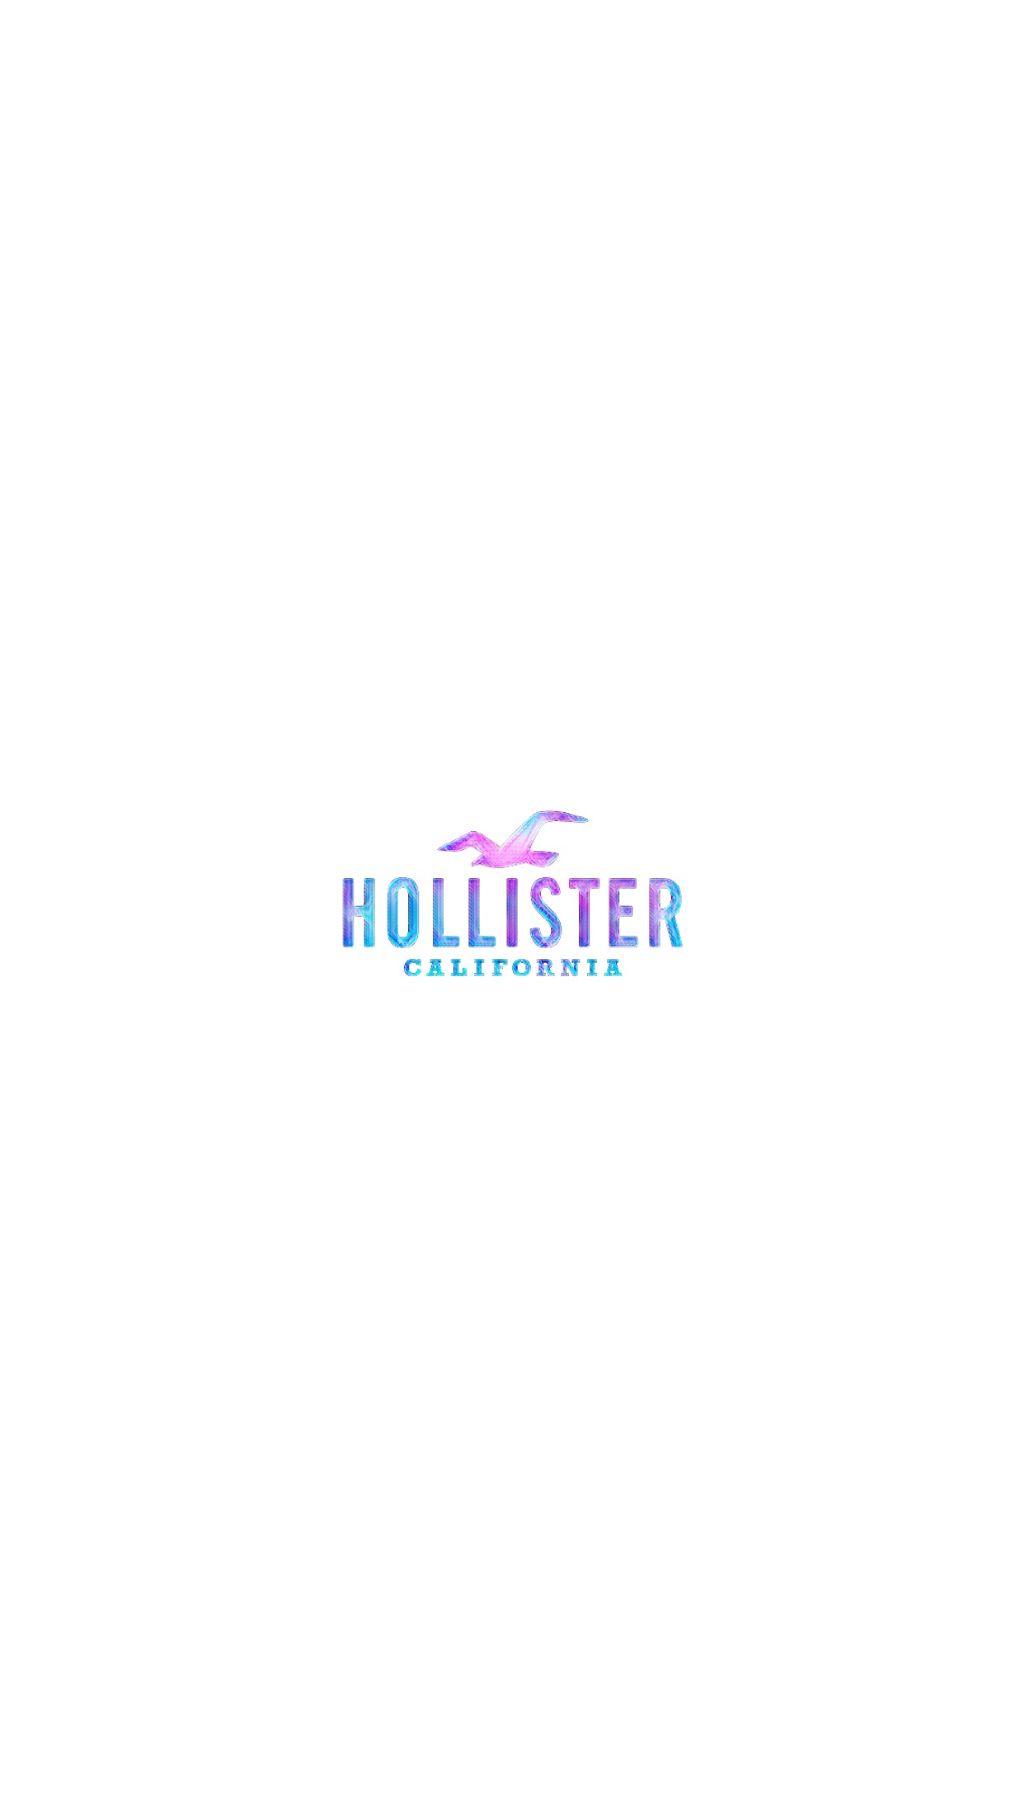 hollister wallpaper hollisterwallpaper...